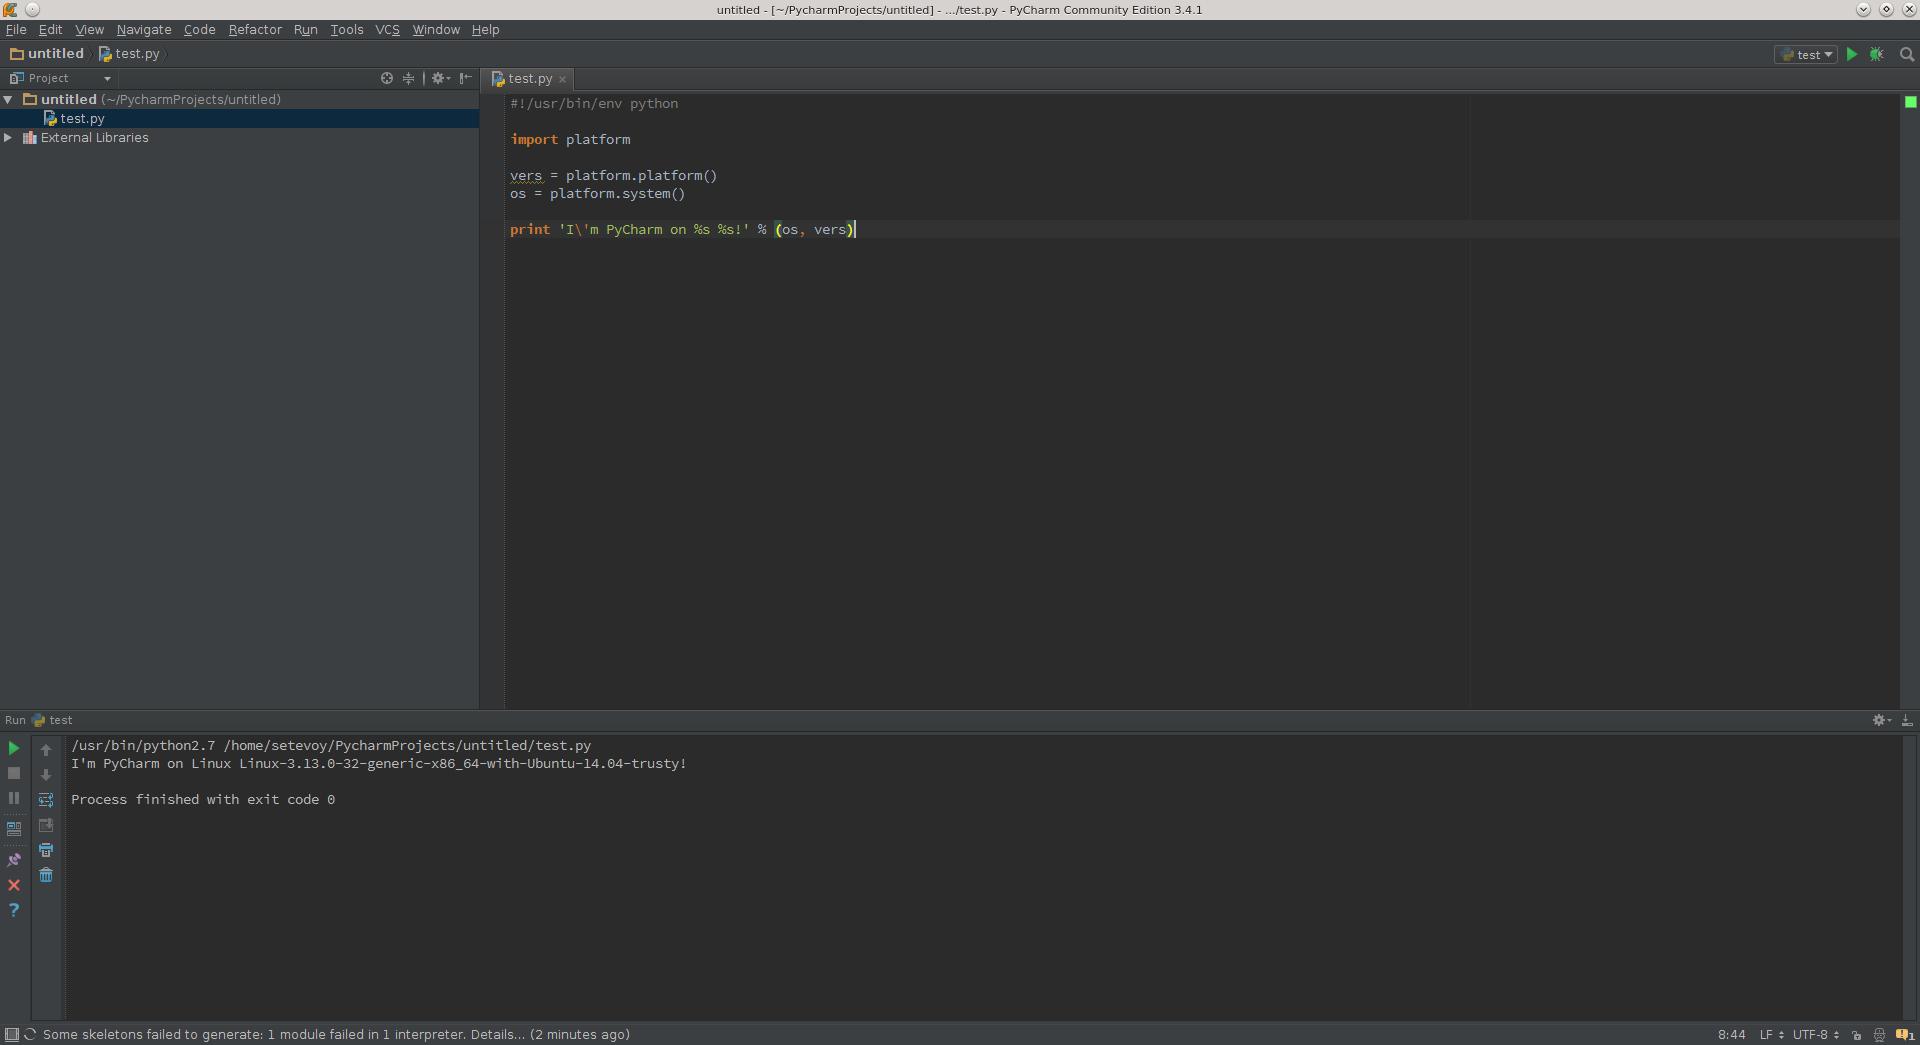 Pycharm Database Tool Window - Gikymes